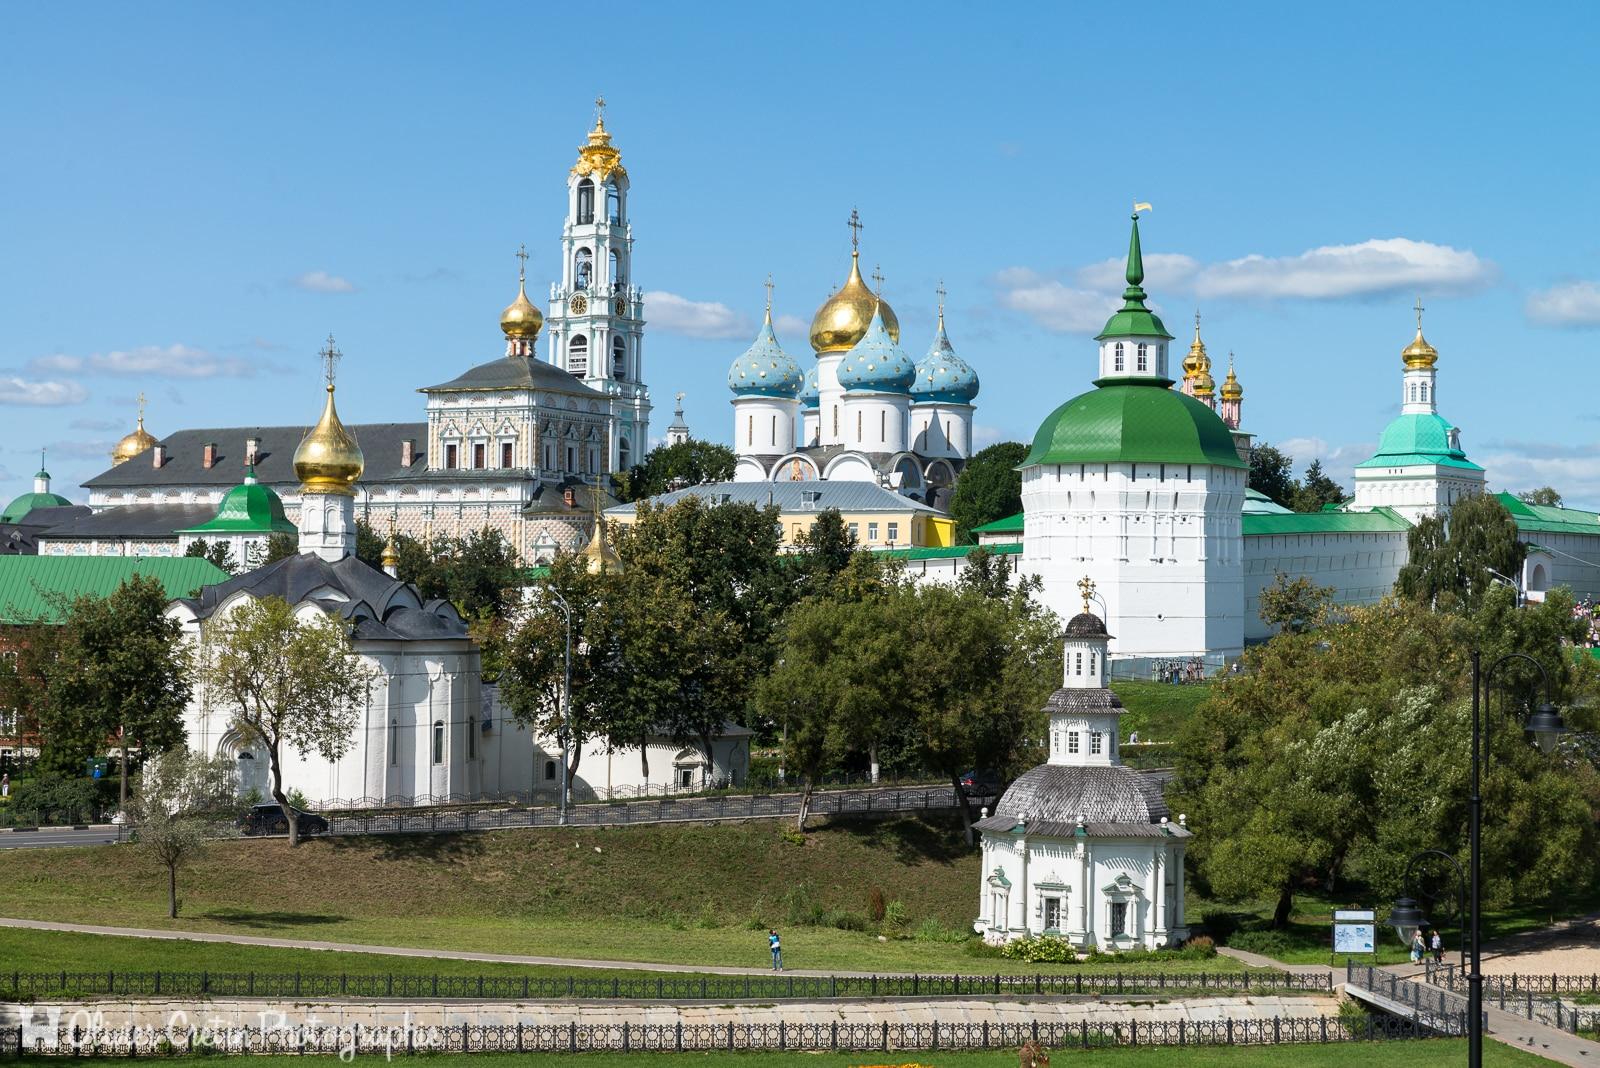 Russie épisode III : Serguiev Possad